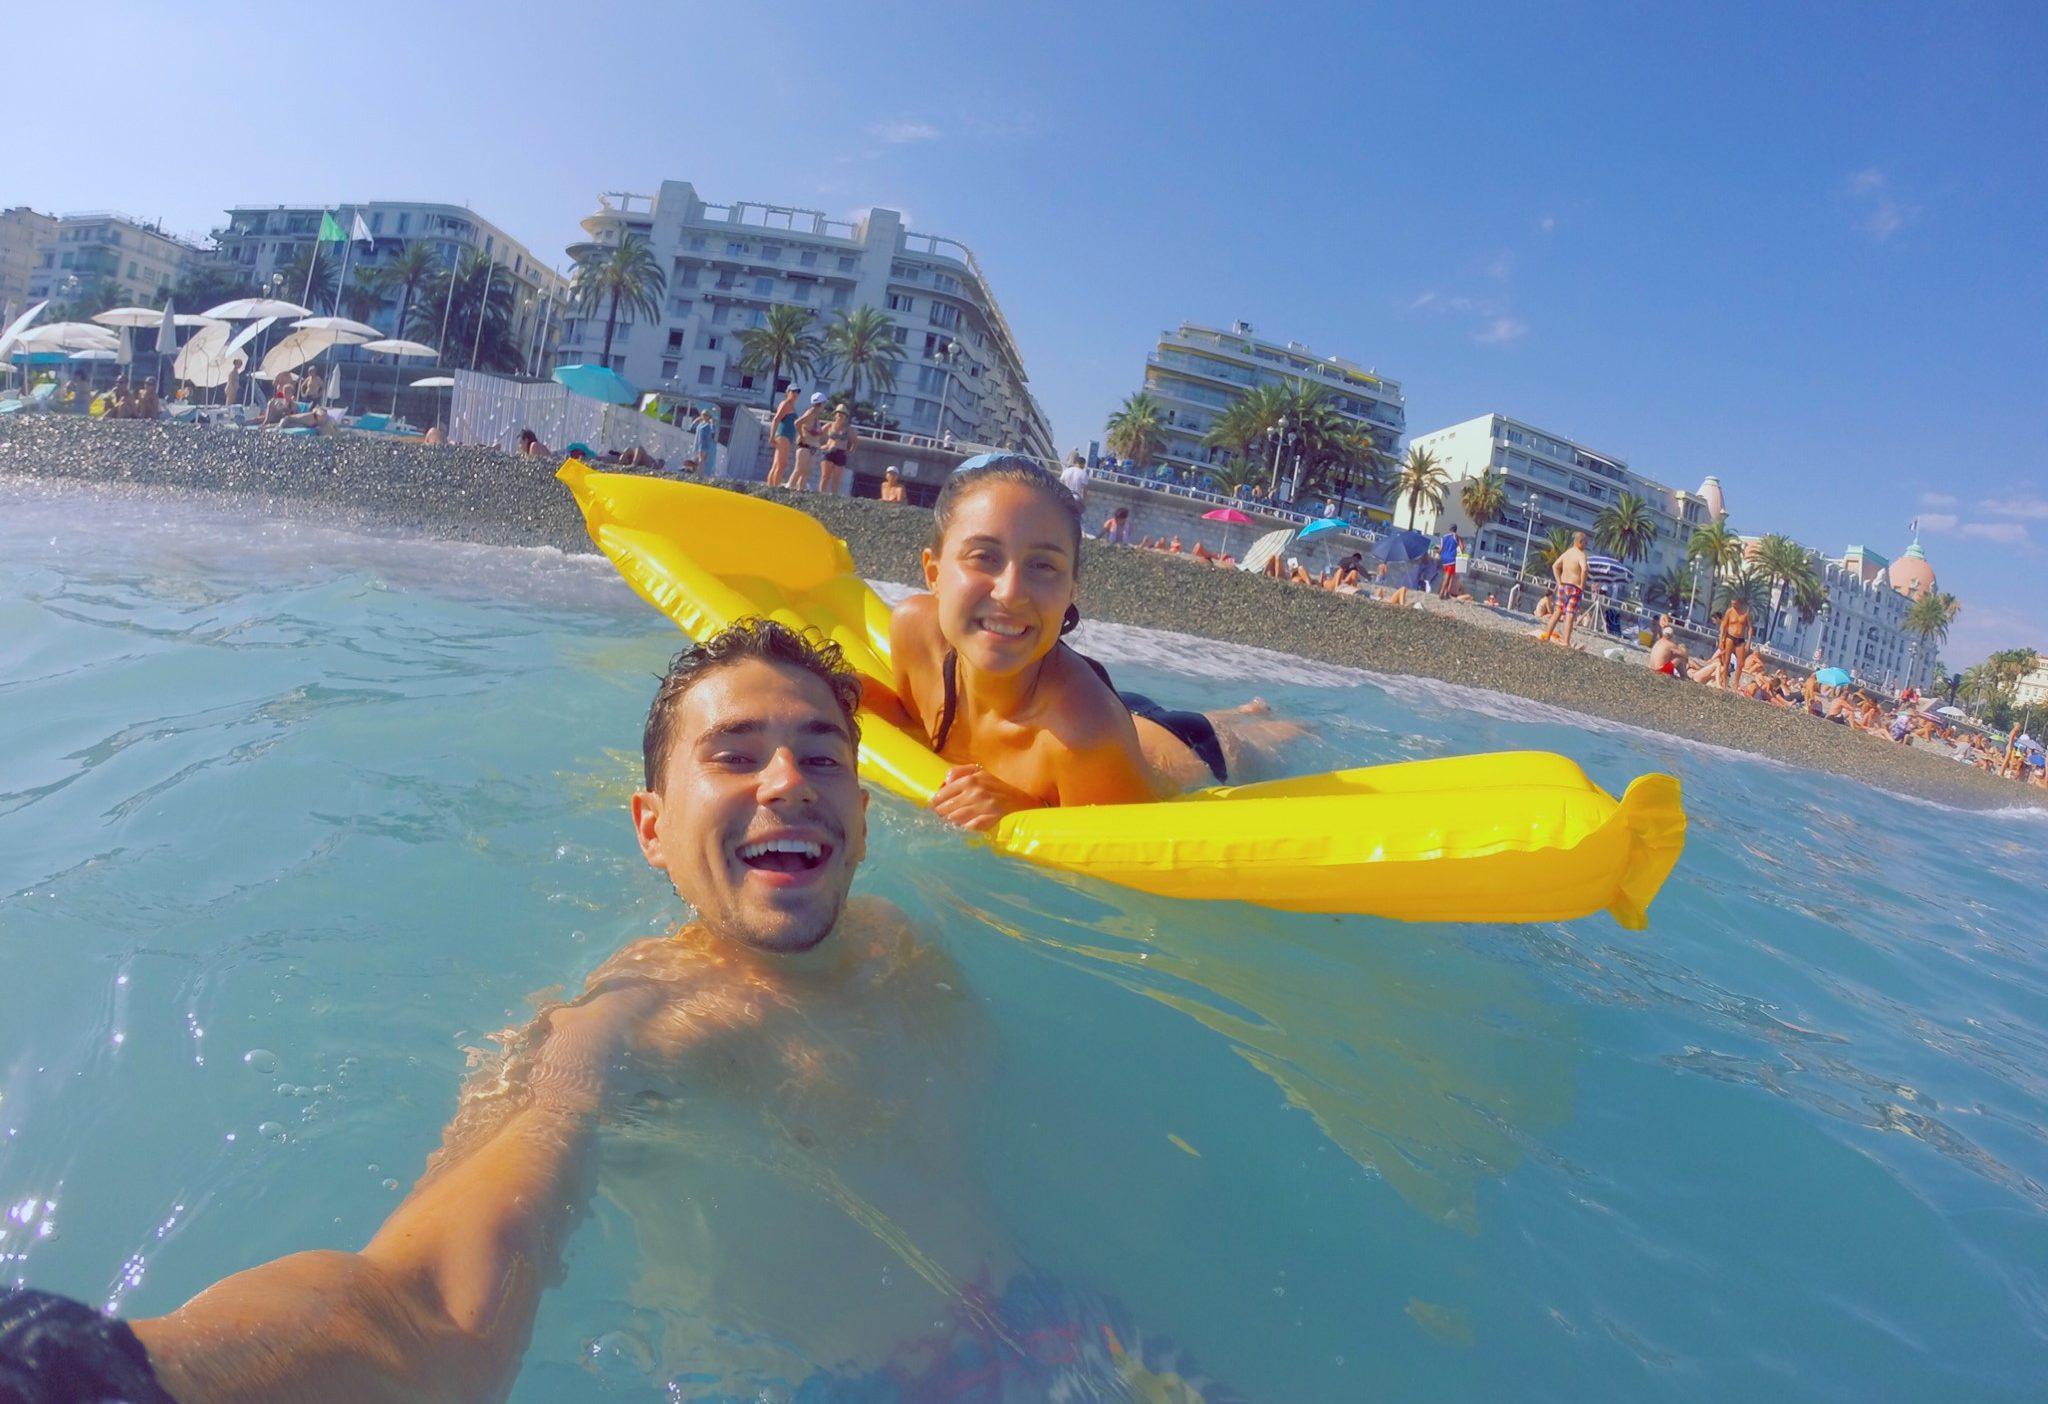 plage-mediterannee-une-semaine-a-nice-blog-voyage-les-ptits-touristes